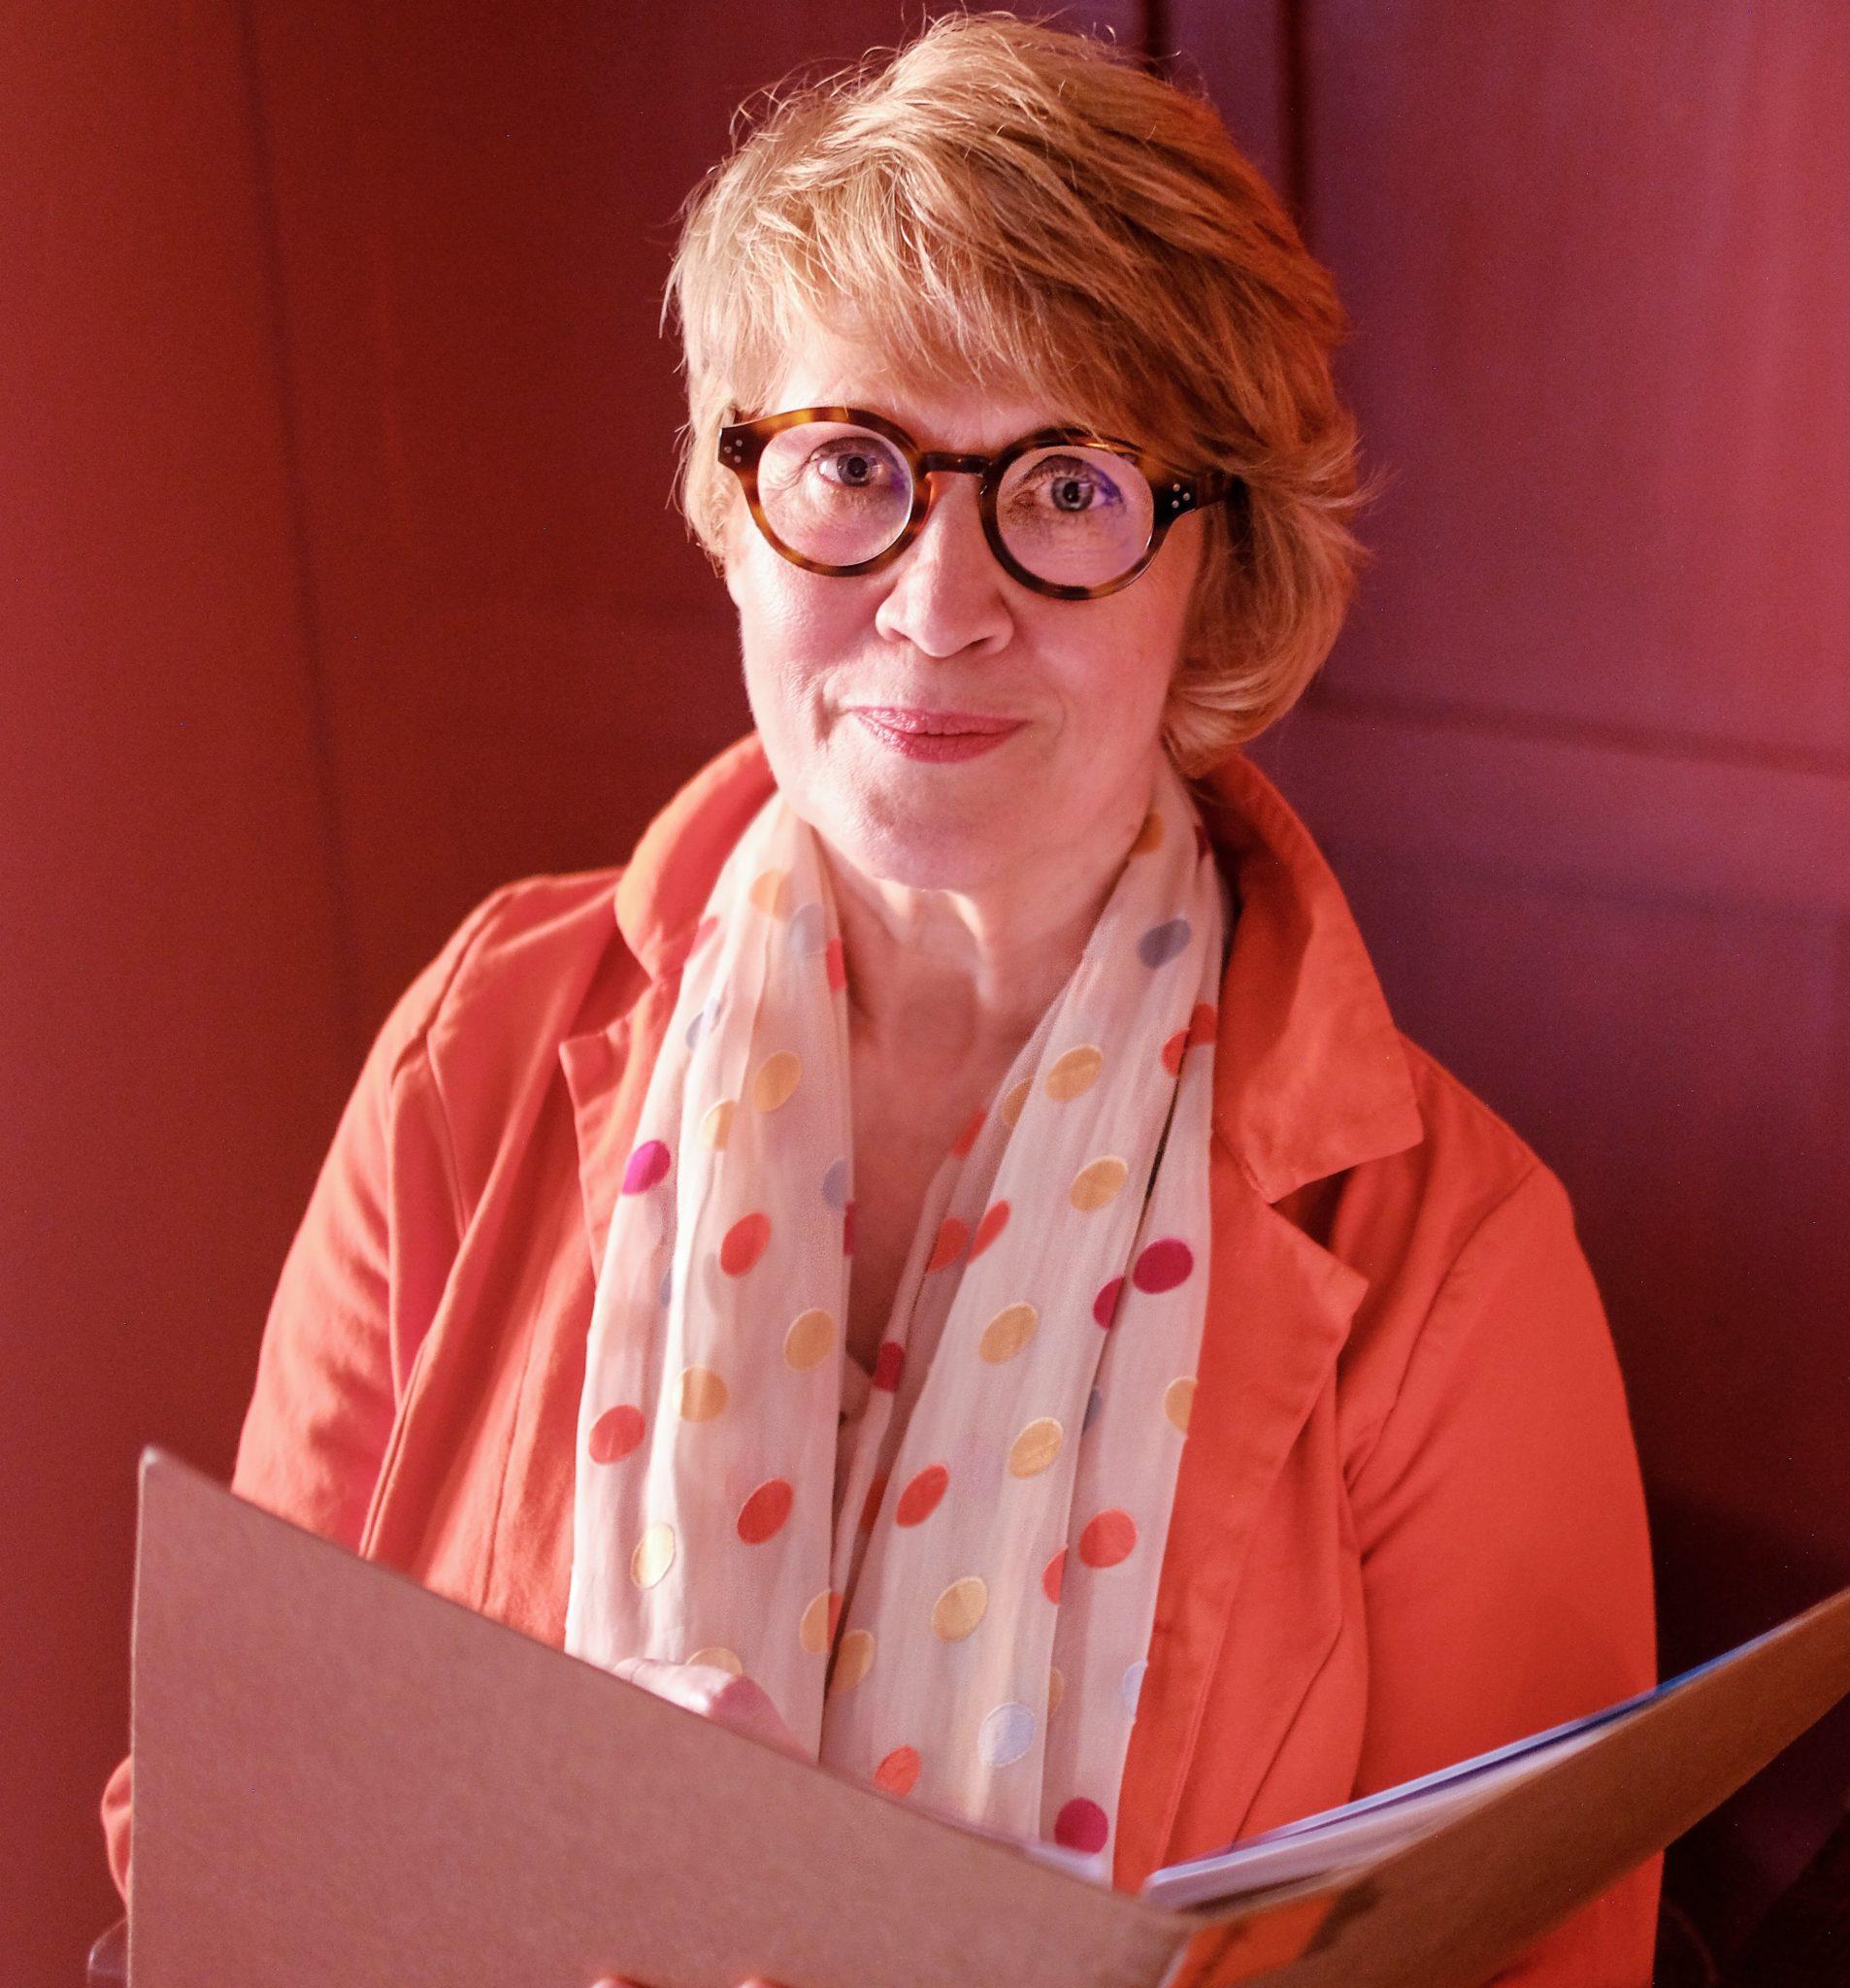 Susanne in orange bei Sofortlösung